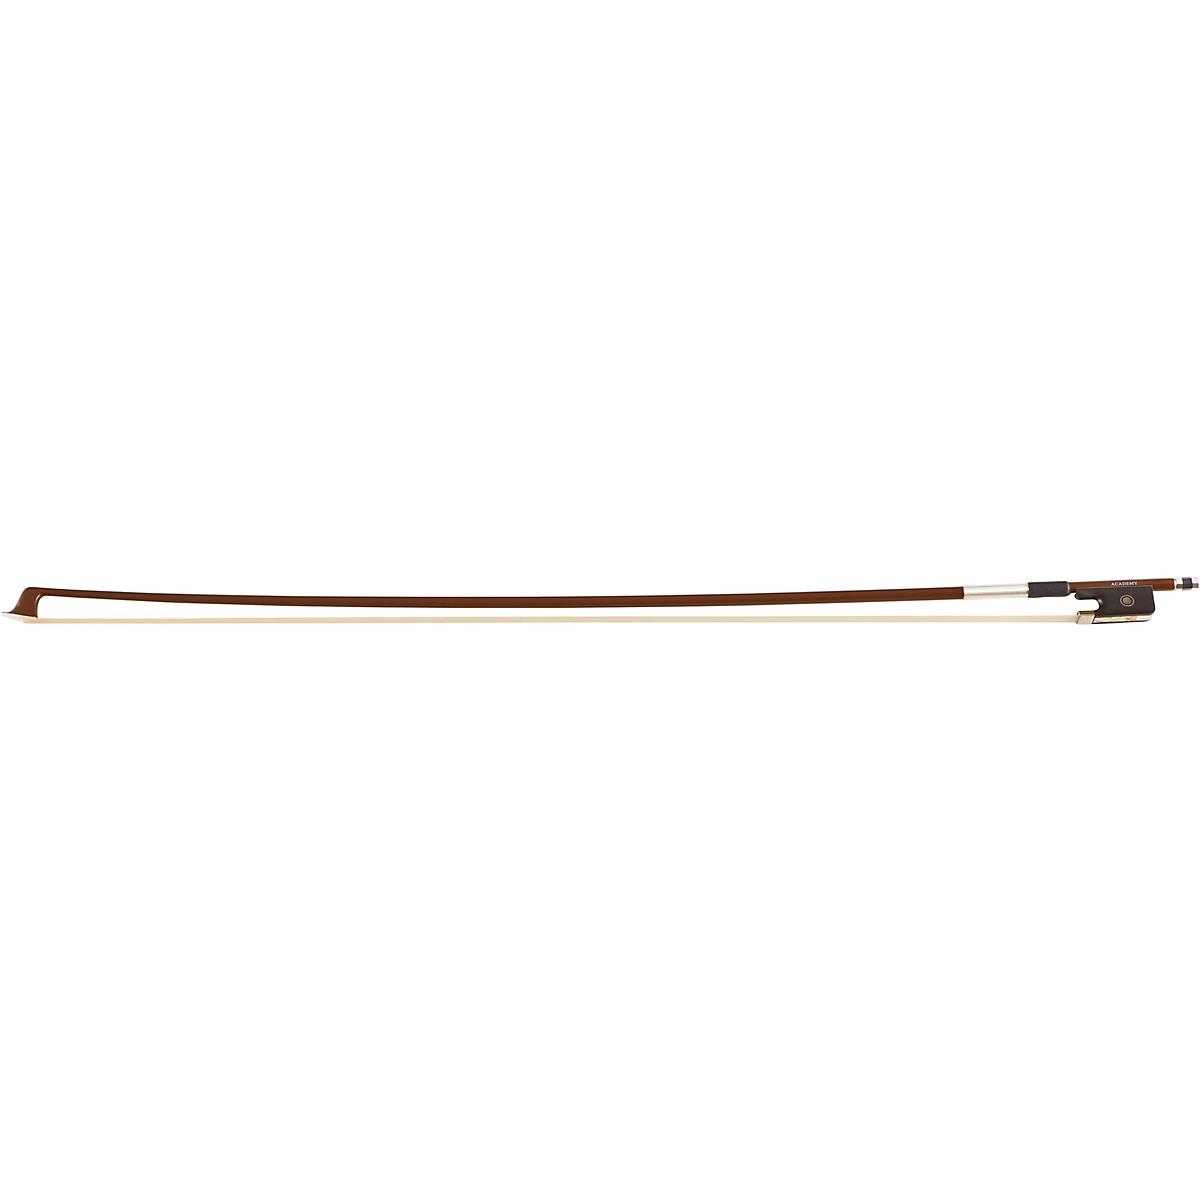 Premiere Academy Series Carbon Composite Viola Bow